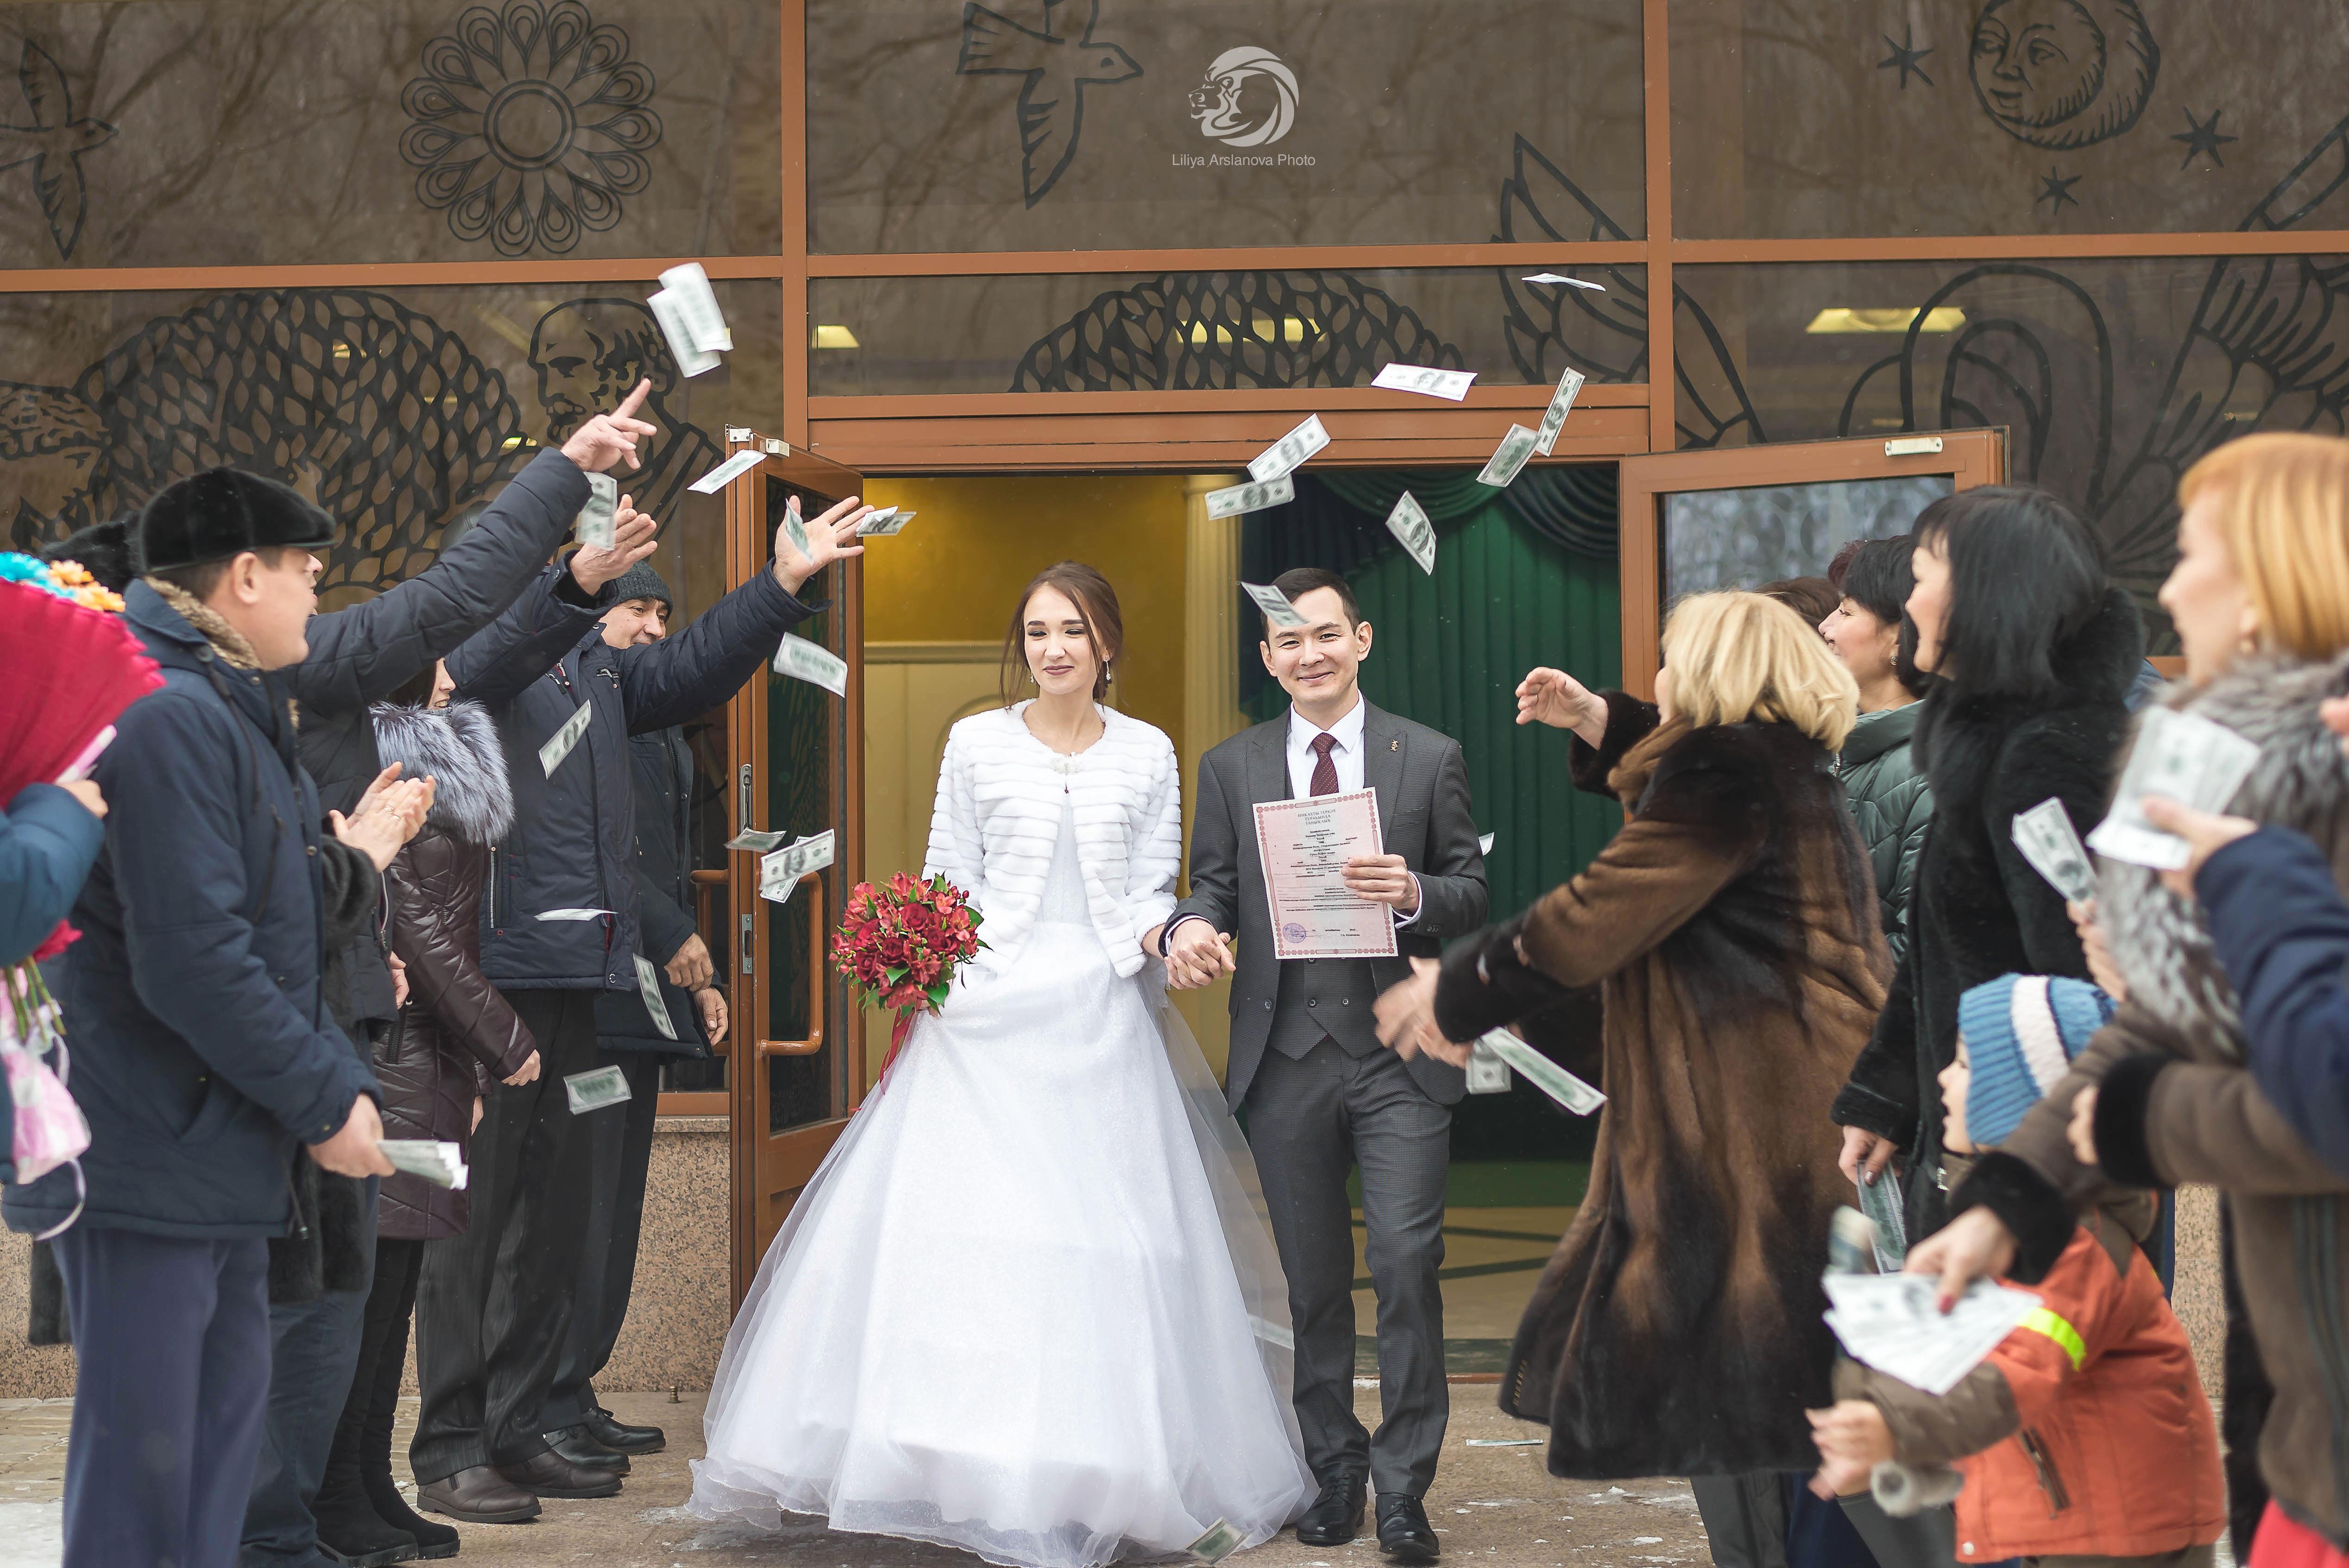 Встреча молодых родными. Свадебный фотограф Стерлитамак , свадебный фотограф Красноусольск, фотограф на свадьбу стерлитамак недорого, фотограф свадебный цена стерлитамак санаторий красноусольск